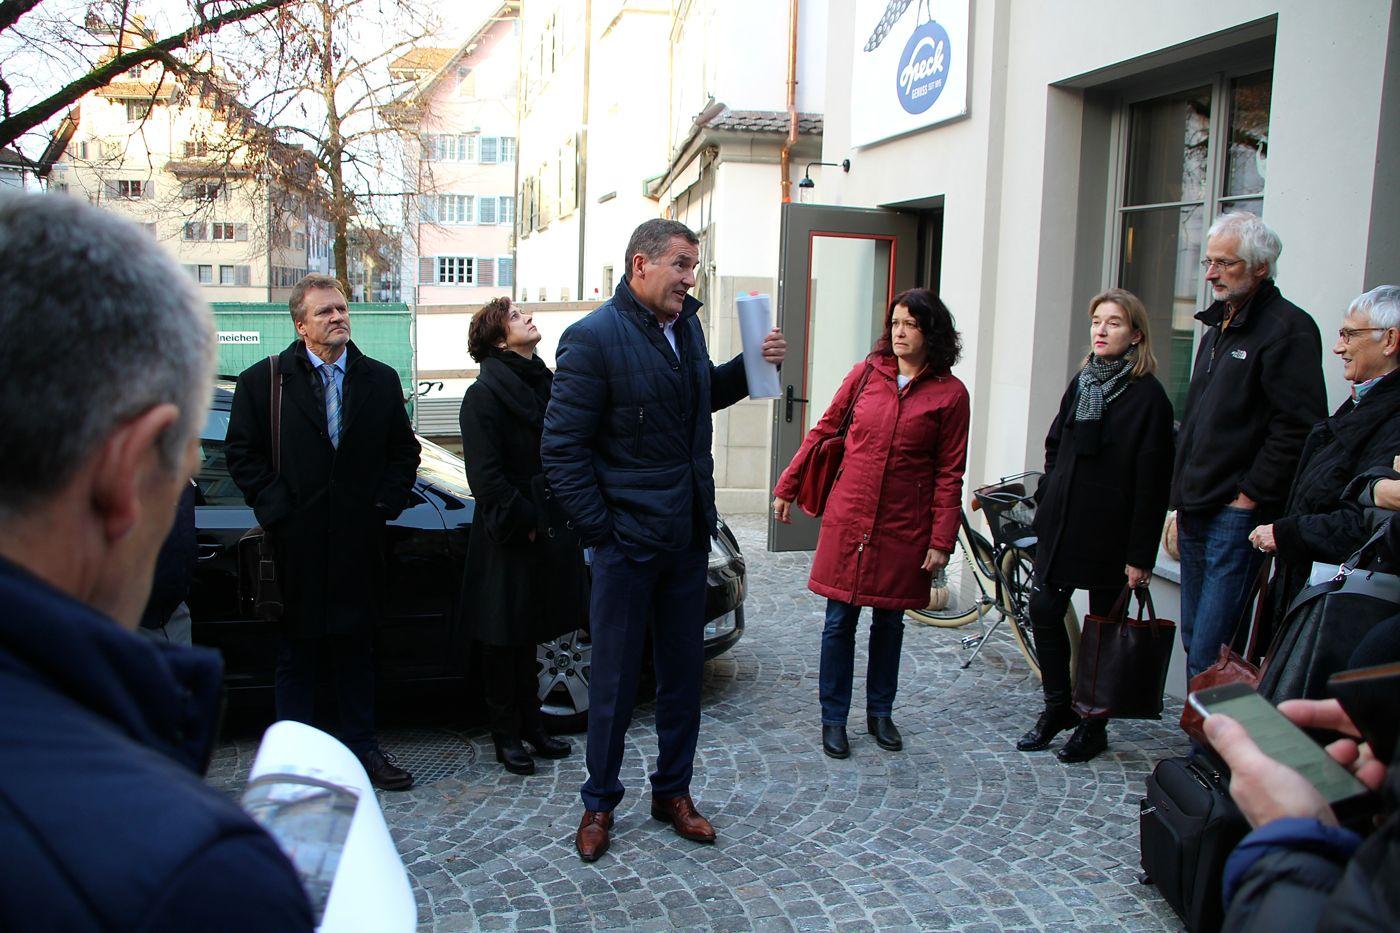 Stadtrat André Wicki und rund ein Dutzend Zuger Gemeinderäte und -rätinnen besichtigten als Erste die Gebäude.